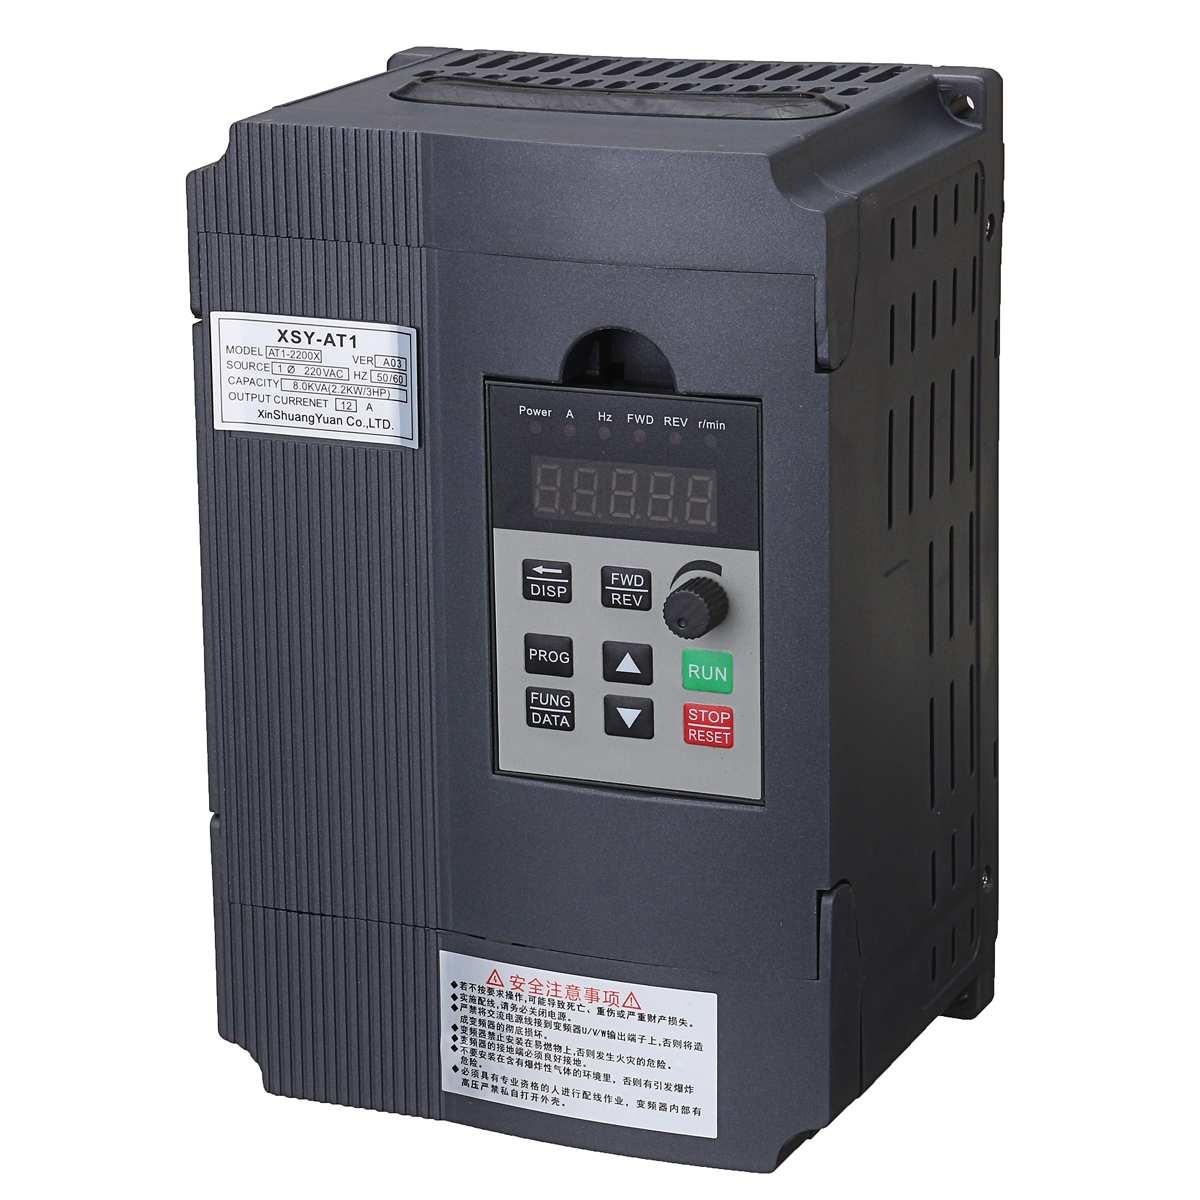 2.2KW 3HP VFD инвертор Freqency конвертер однофазный инвертор с переменной частотой привод Инвертор VFD двигатель Скорость ШИМ контроль|Инверторы и конвертеры| | АлиЭкспресс